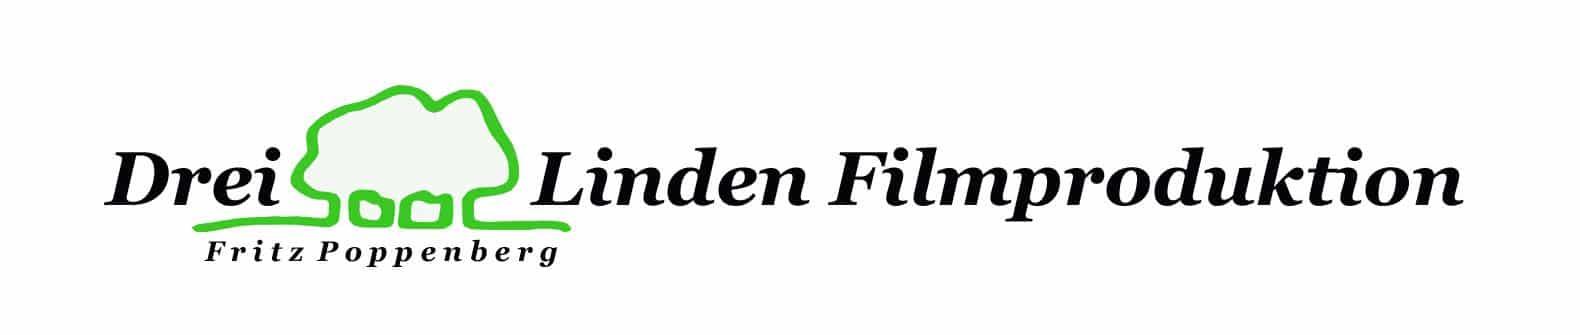 Drei Linden Filmproduktion – Fritz Poppenberg